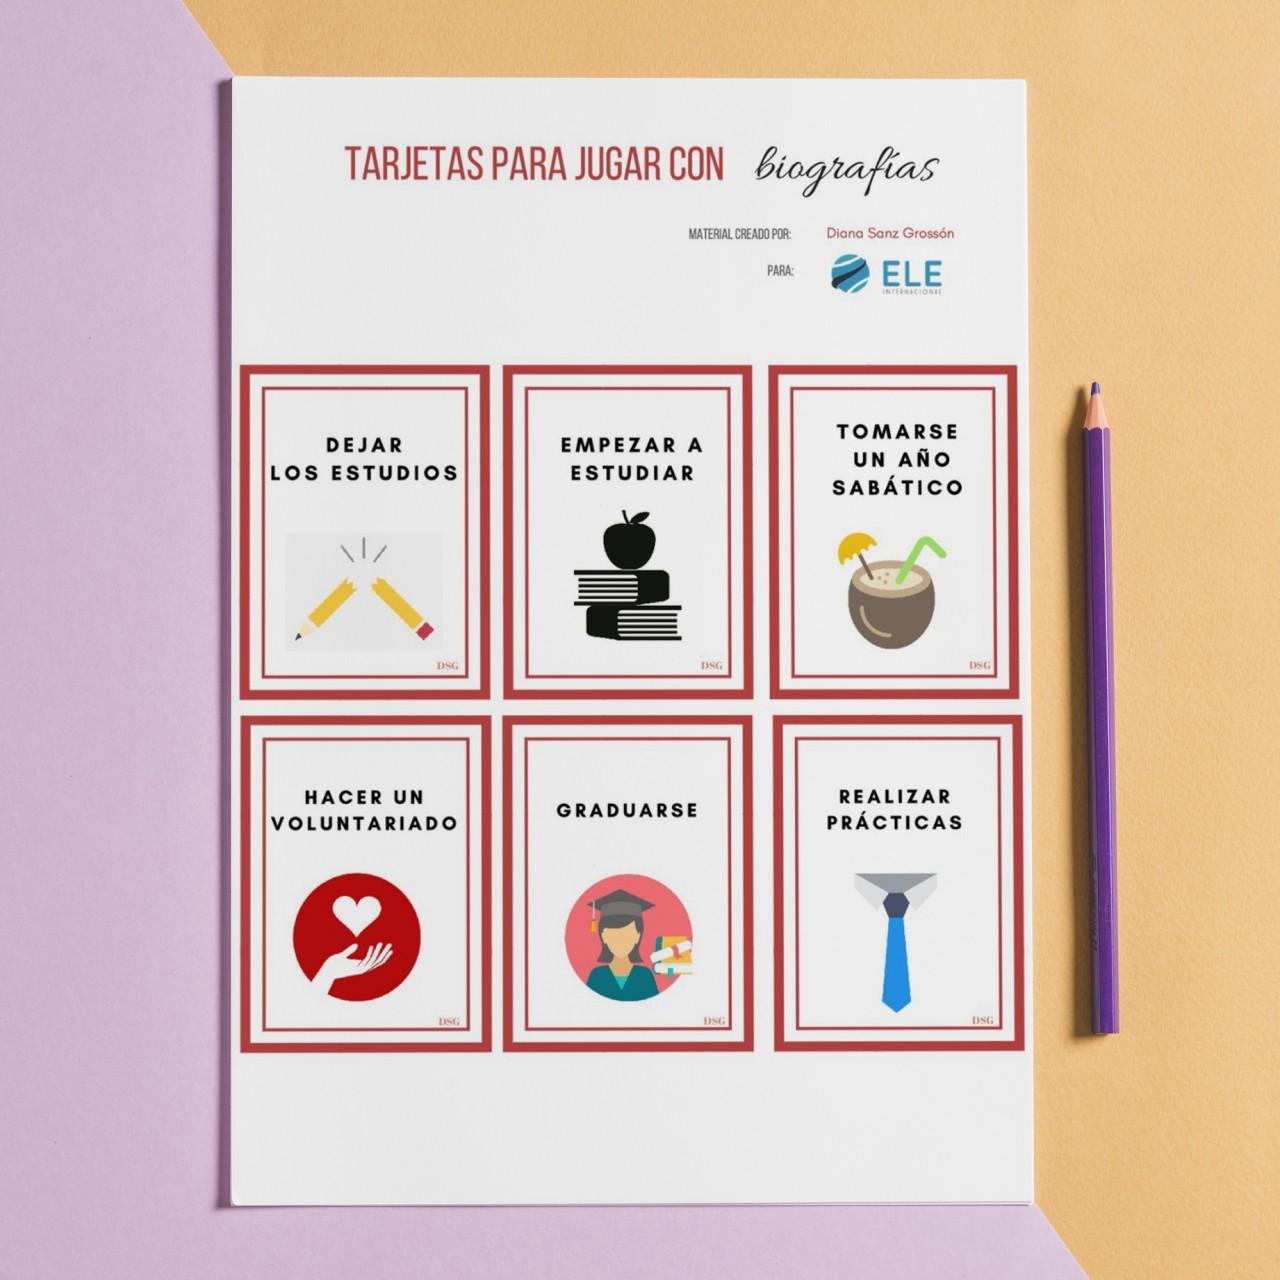 Tarjetas para jugar con biografías [MATERIAL COMPLETO]